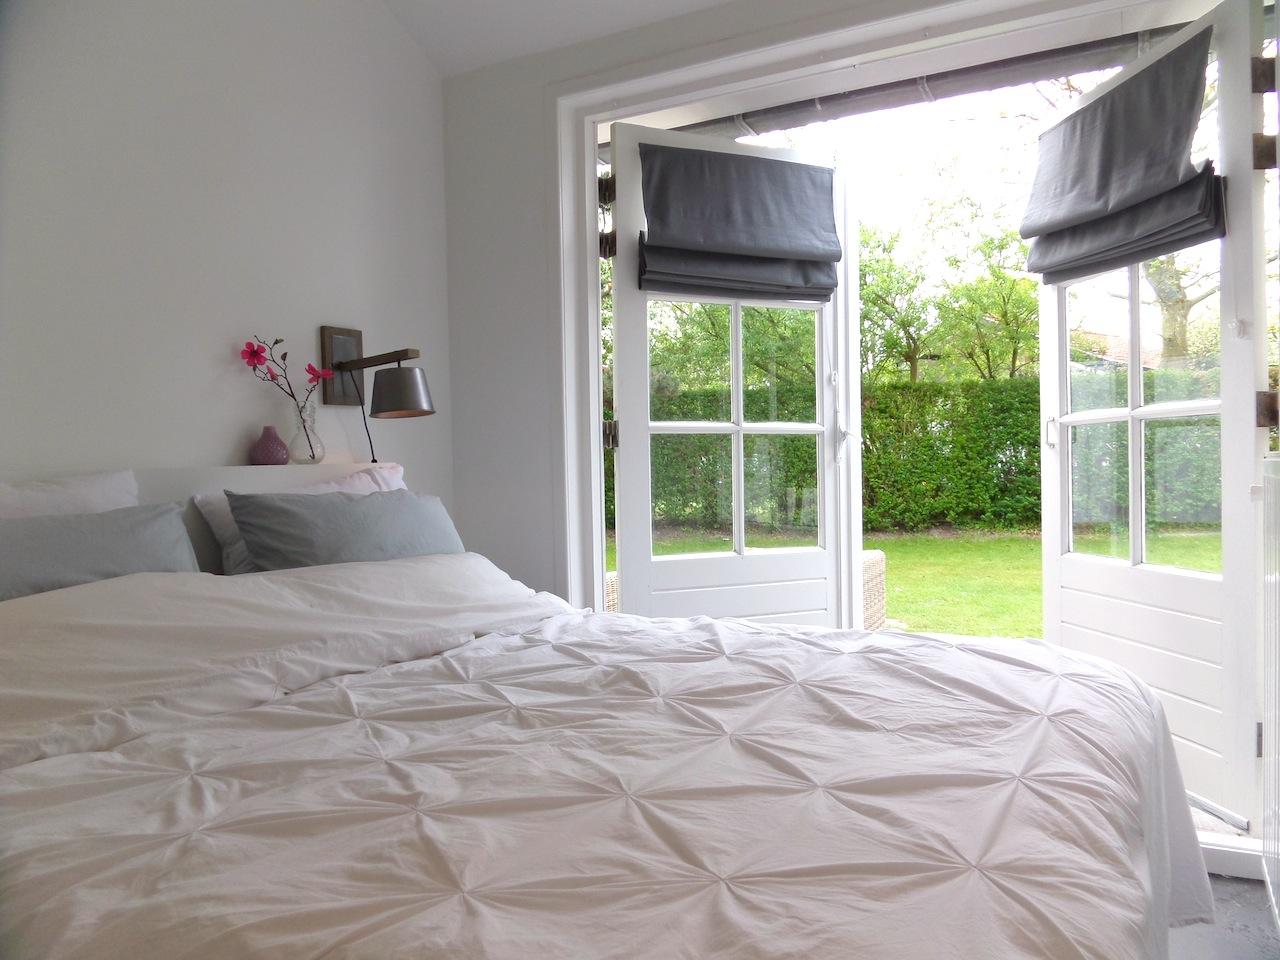 de slaapkamer - Zeebries, de mooiste vakantie bungalow van cadzand ...